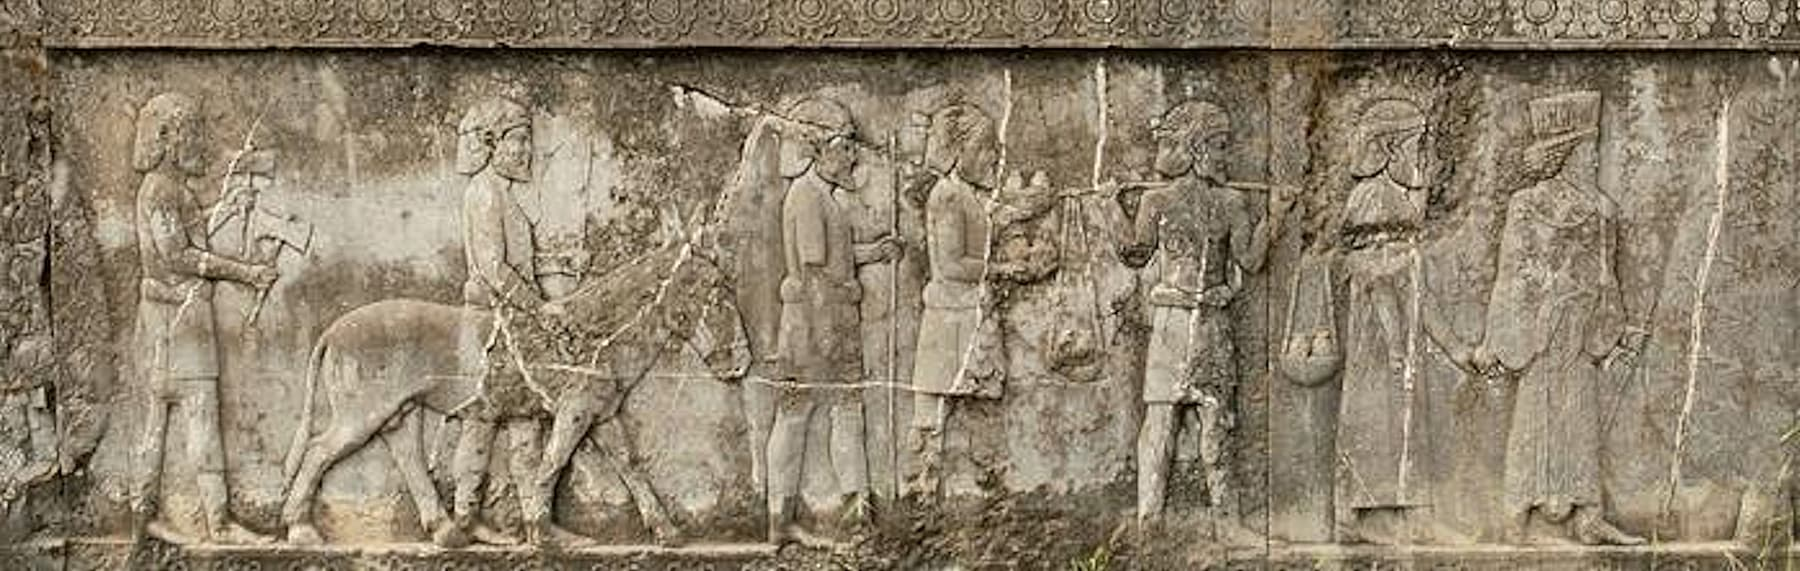 اپادن محل میں تراشیدہ Indians کی شکلیں